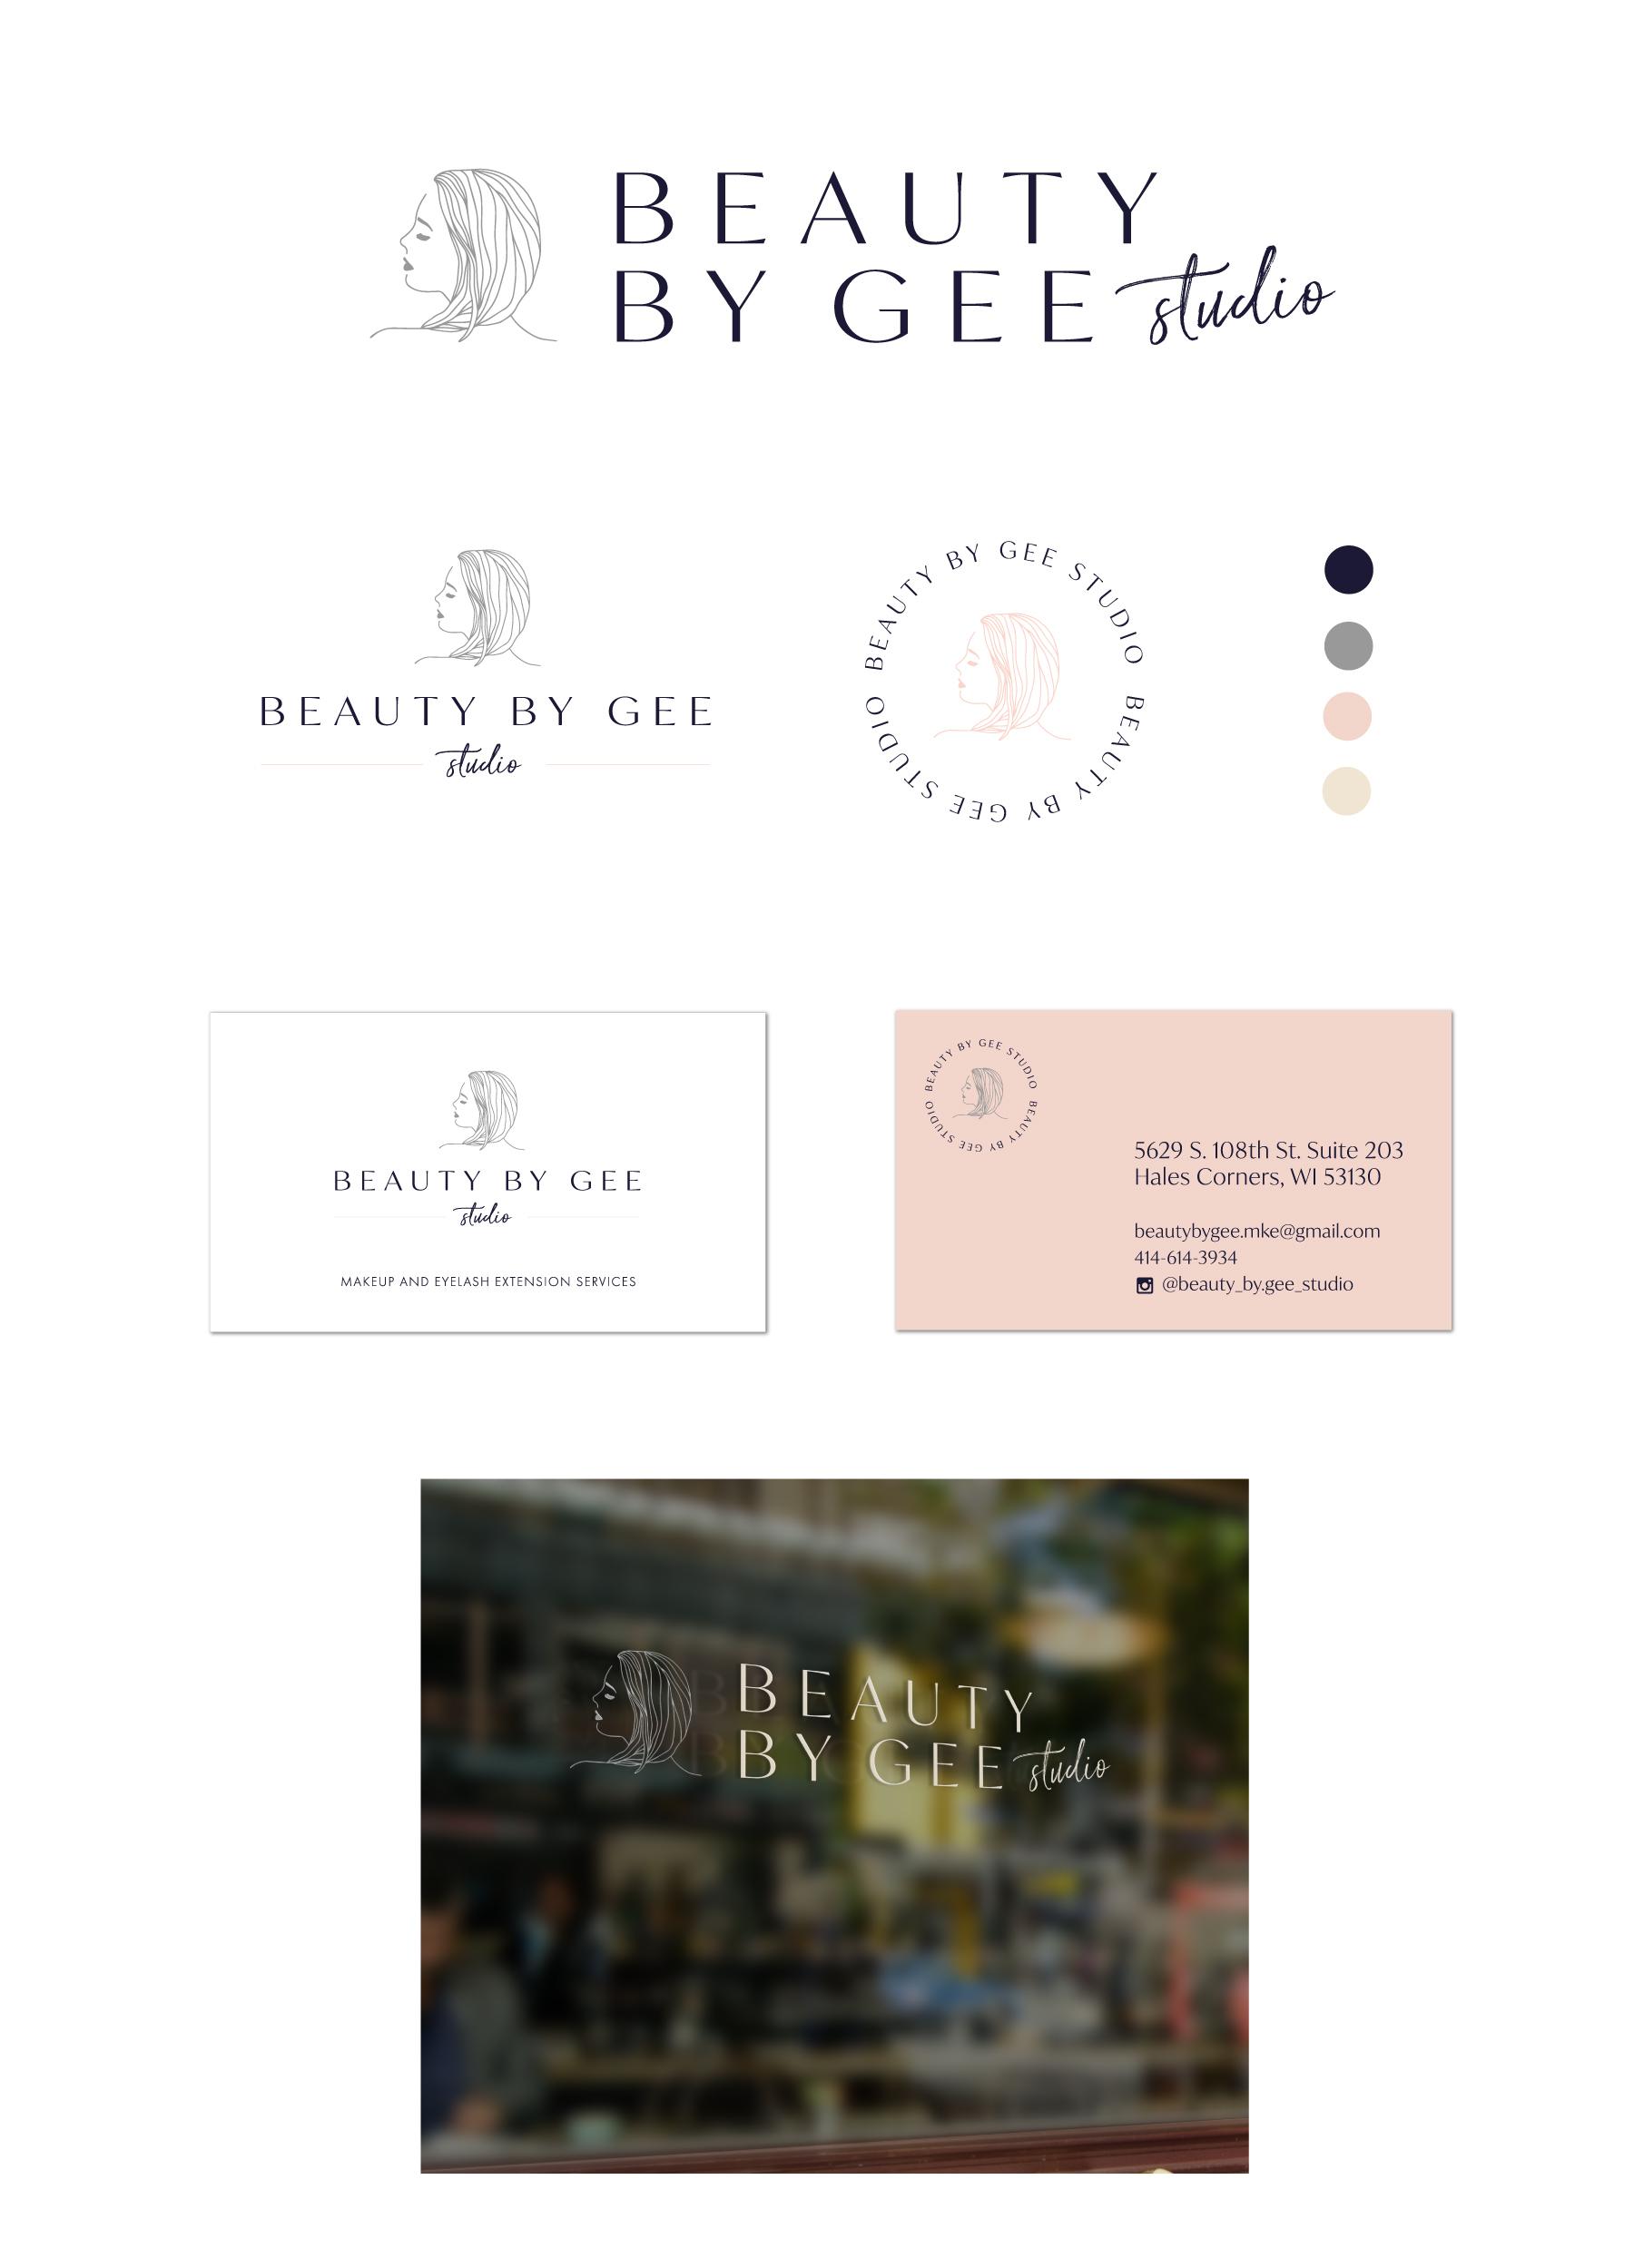 beauty-by-gee-studio.jpg